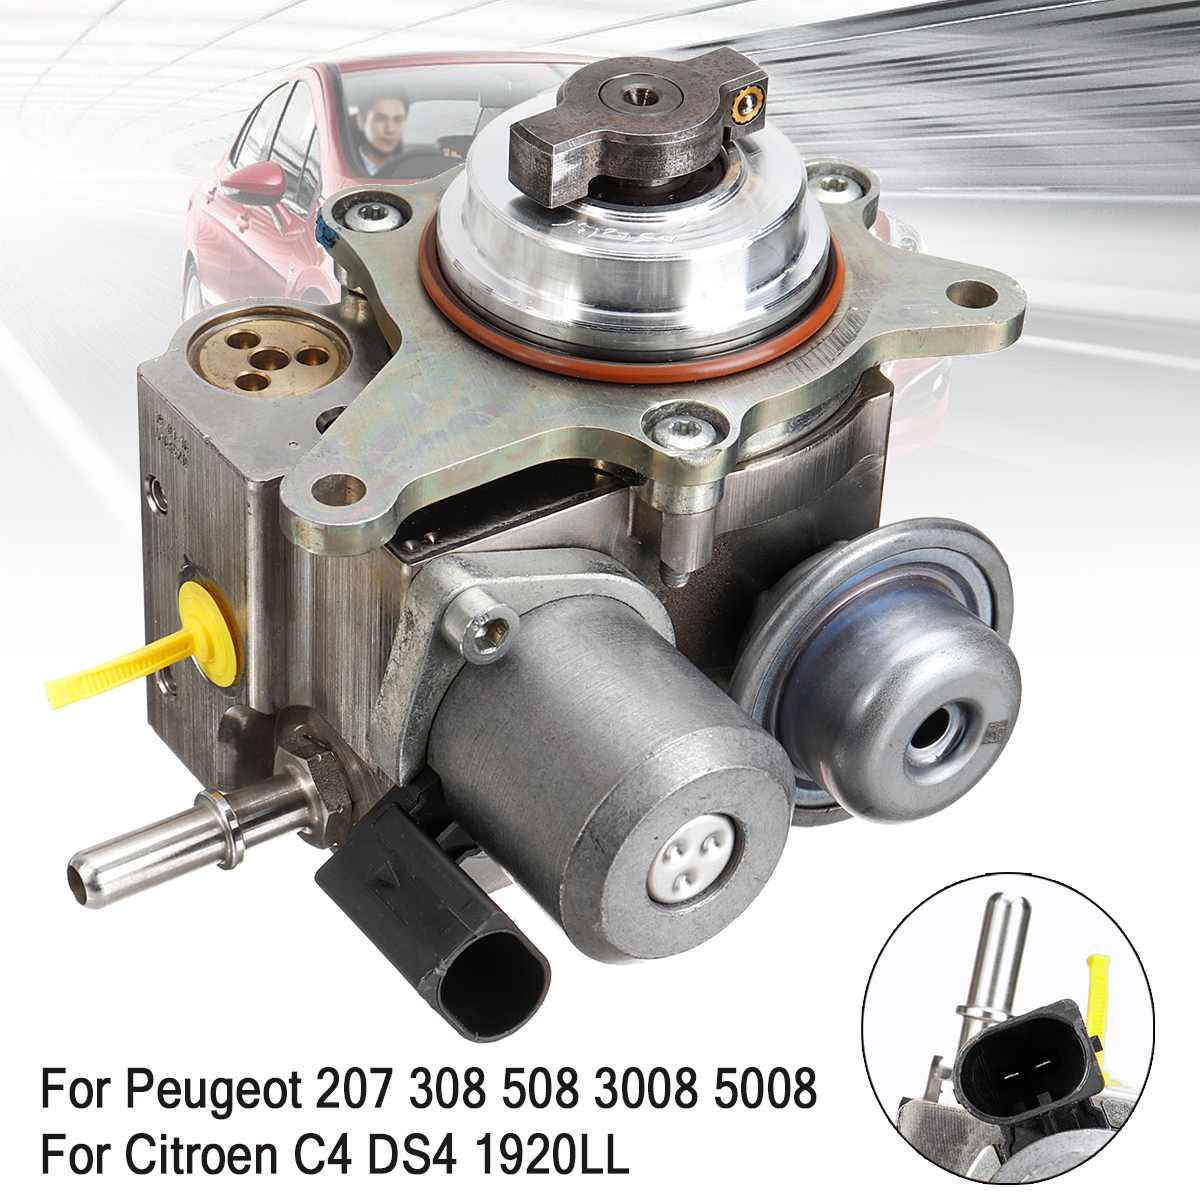 Petrol Pressure Fuel Pump 9819938480 13537528345 for Peugeot 207 308 3008 5008 508 1.6T Mini R55 R56 R57 R58 Cooper CITROEN C4